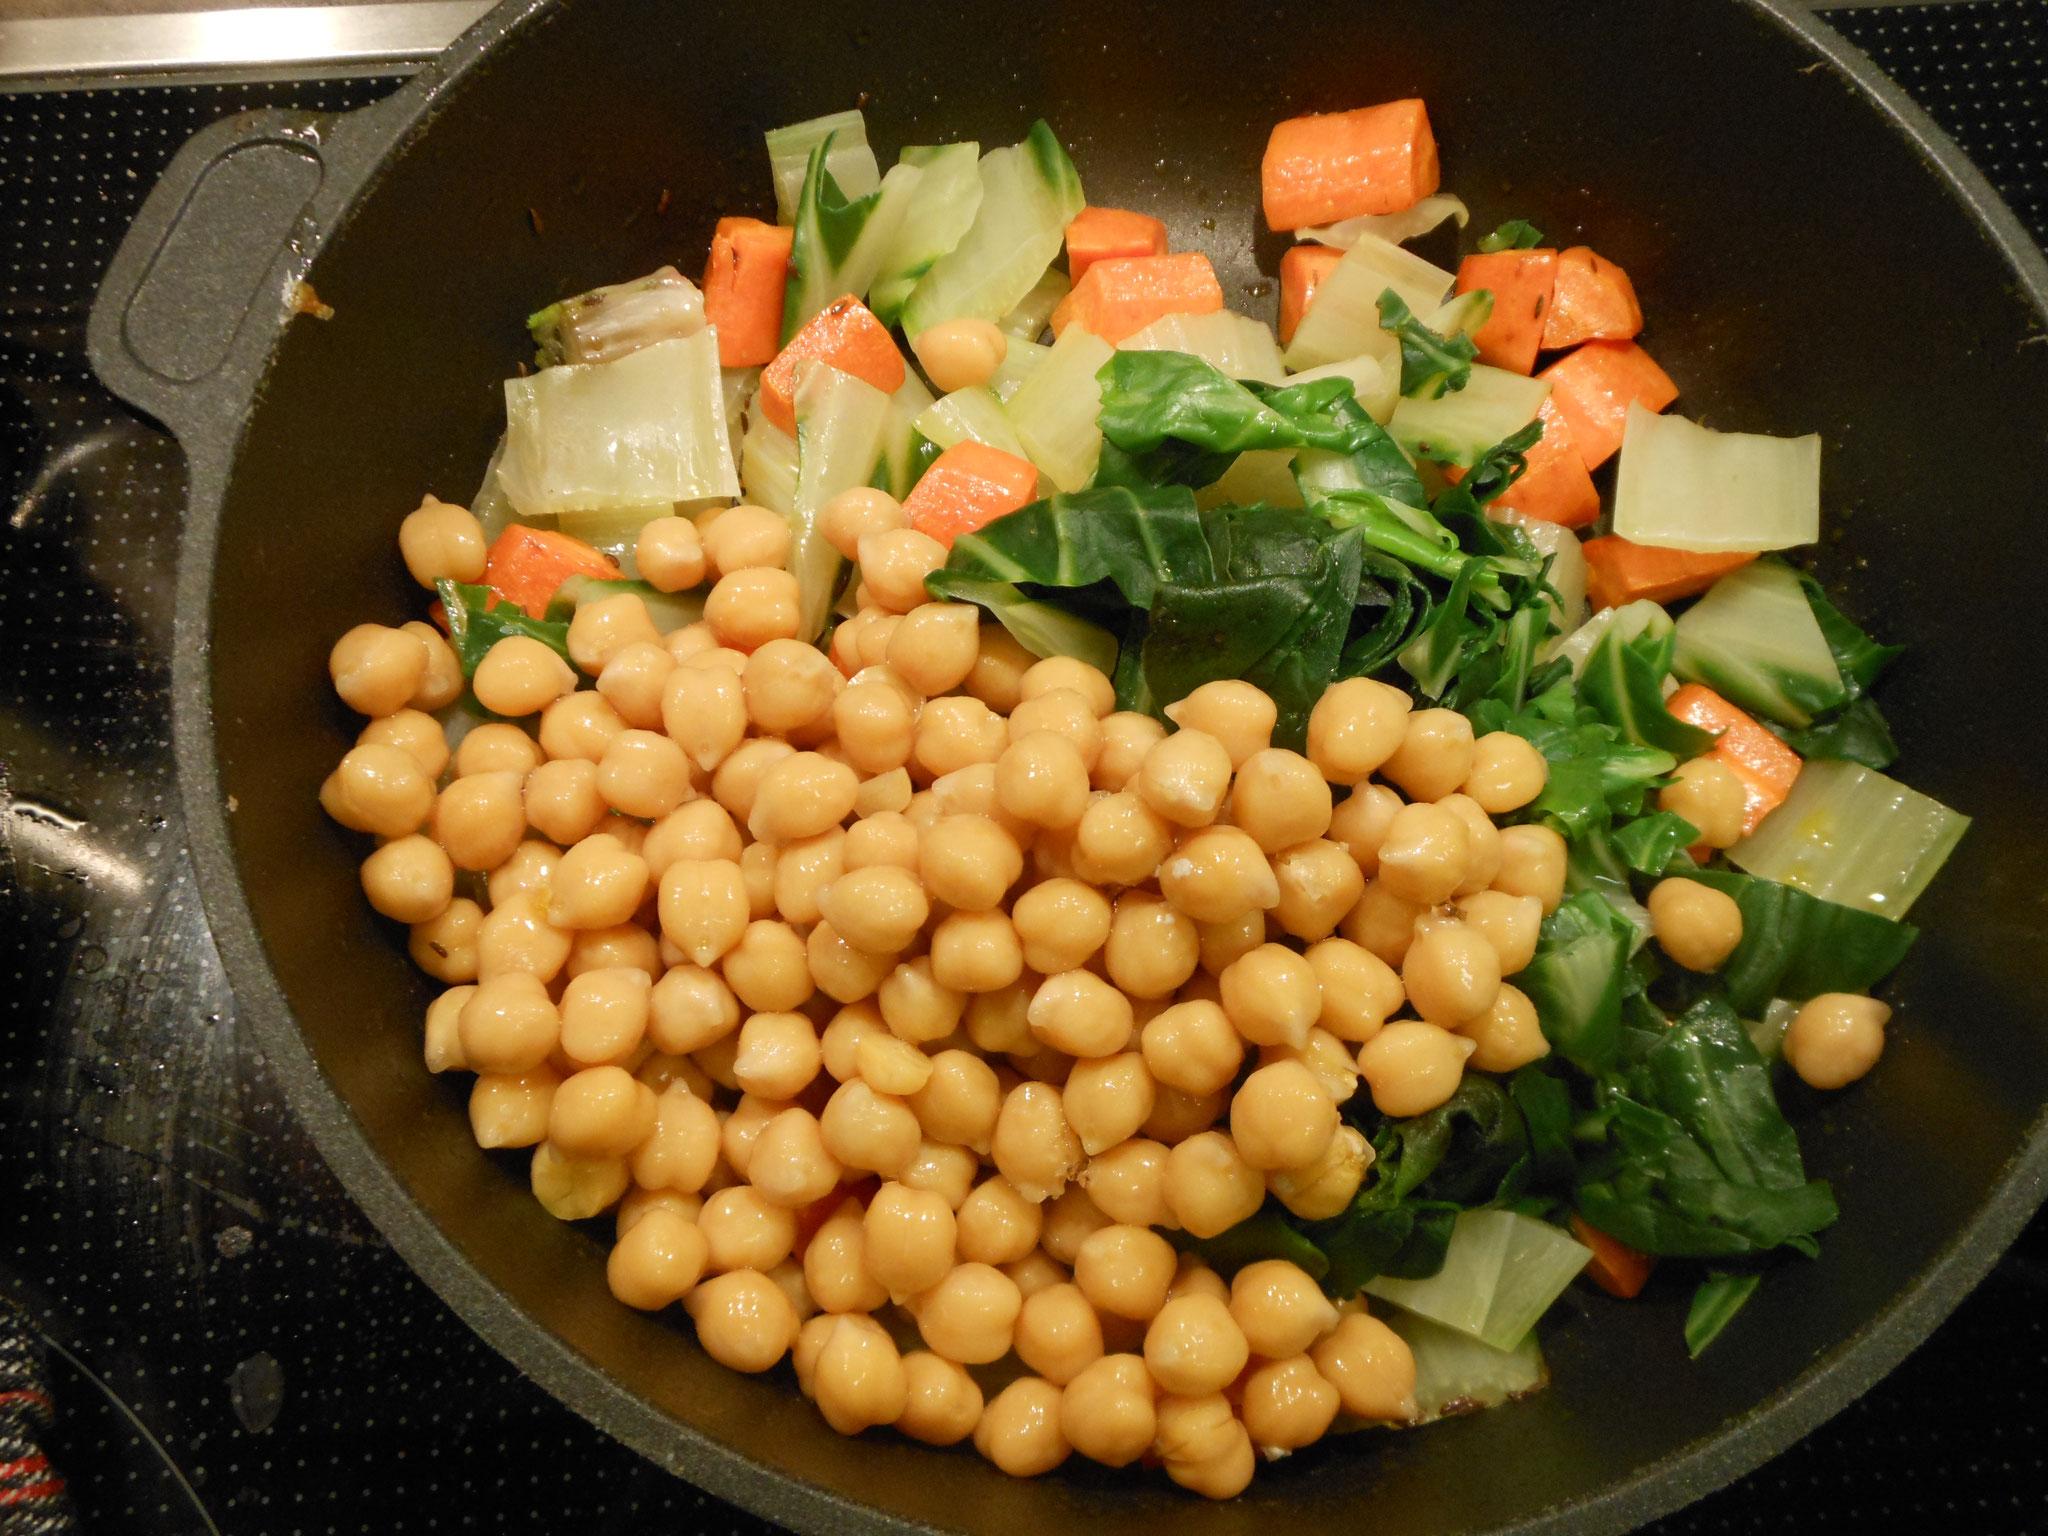 Zuletzt das gehackte Koriandergrün, Minze, Knofel und Zitronensaft, Pfeffer und Salz dazugeben.